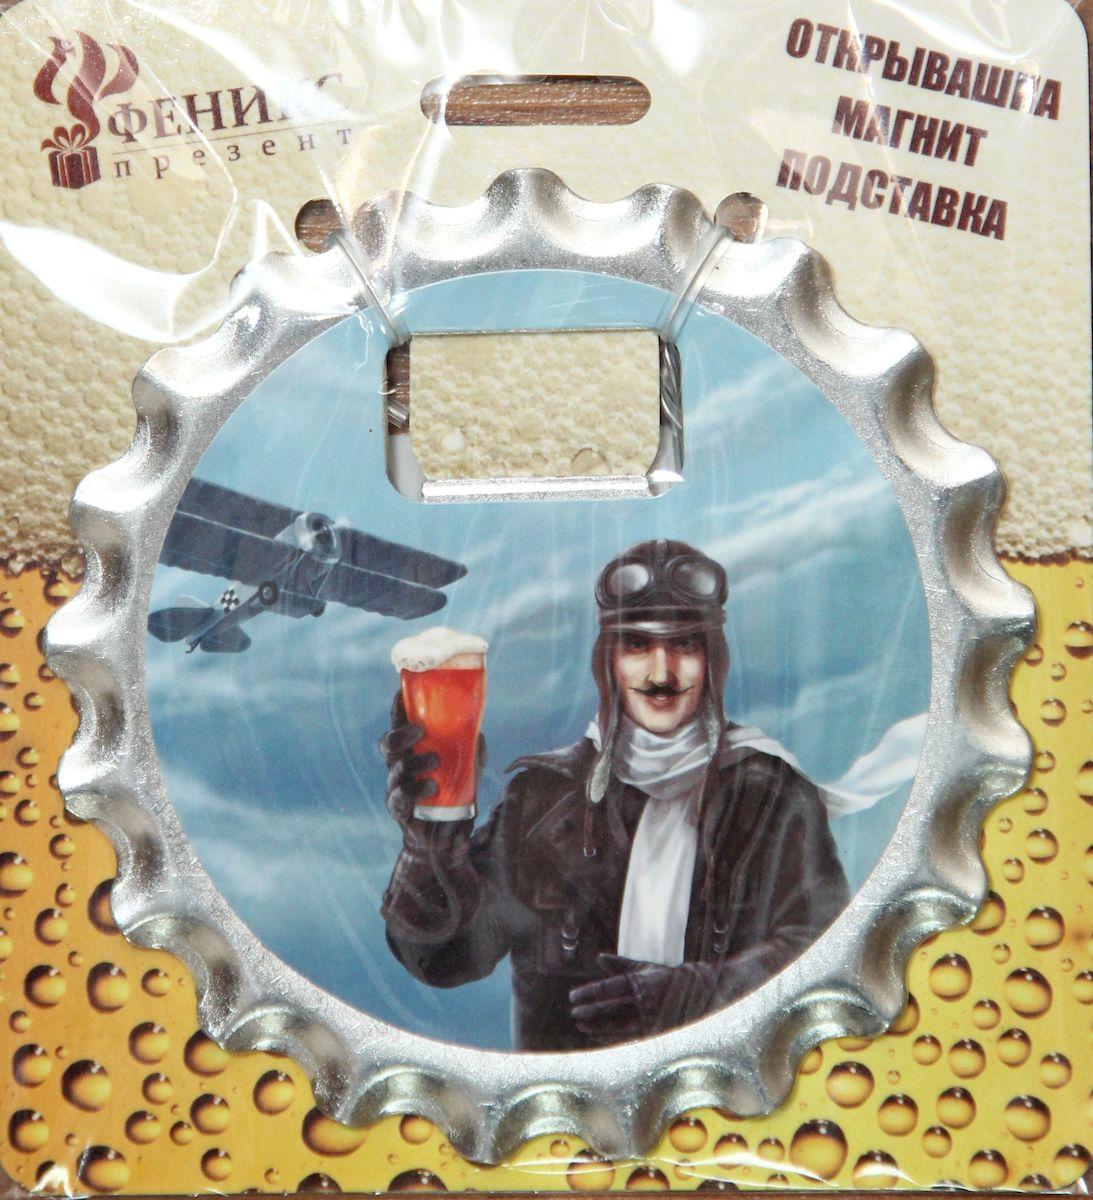 Ключ для открывания бутылок Magic Home Авиатор, с магнитом54 009312Ключ для открывания бутылок - это полезный и нужный прибор в каждом доме. Он представляет собой подставку под пивной стакан с отверстием для удобного снятия металлических пробок с бутылок. Лицевая сторона украшена оригинальным изображением, а на оборотной стороне закреплены магнит и три пробковые вставки для защиты поверхности стола от повреждений. Изделие выполнено из оцинкованного металла.